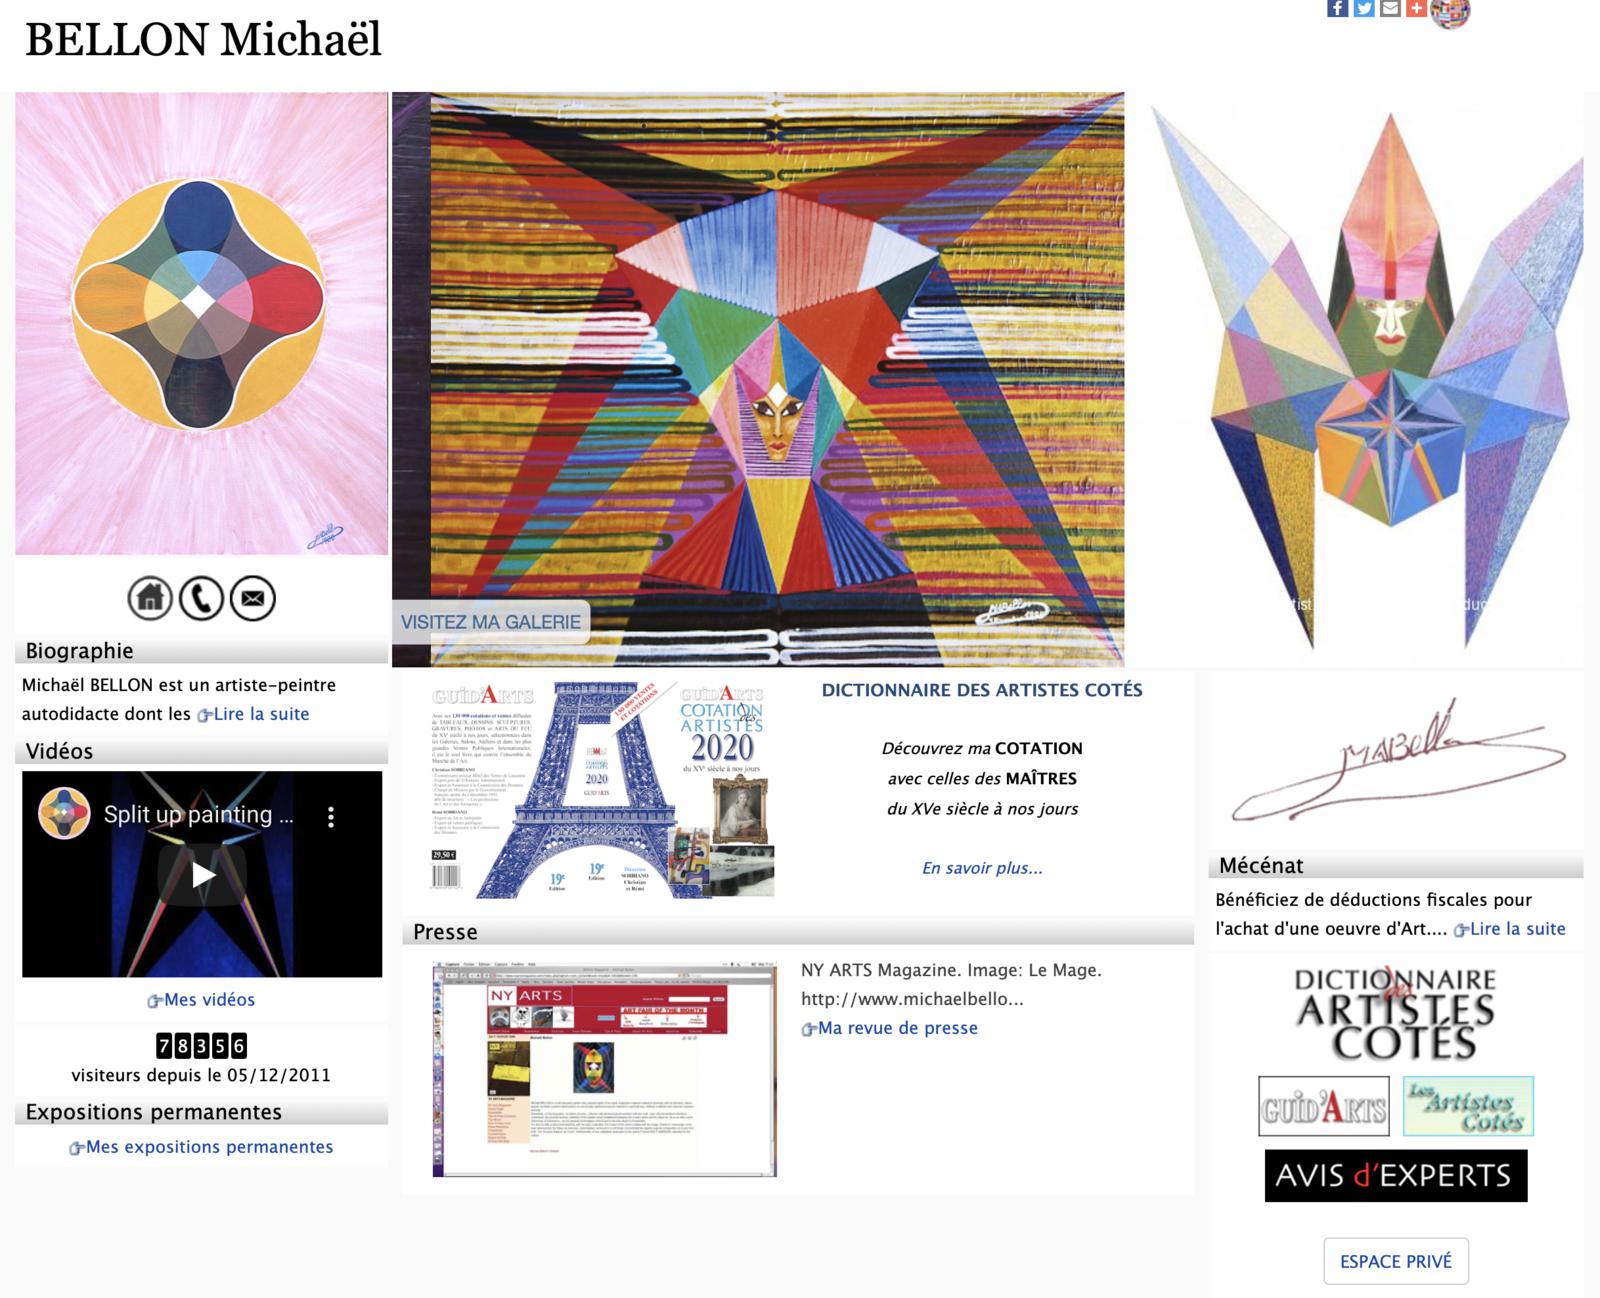 Michaël BELLON/Dictionnaire..: Artiste-peintre